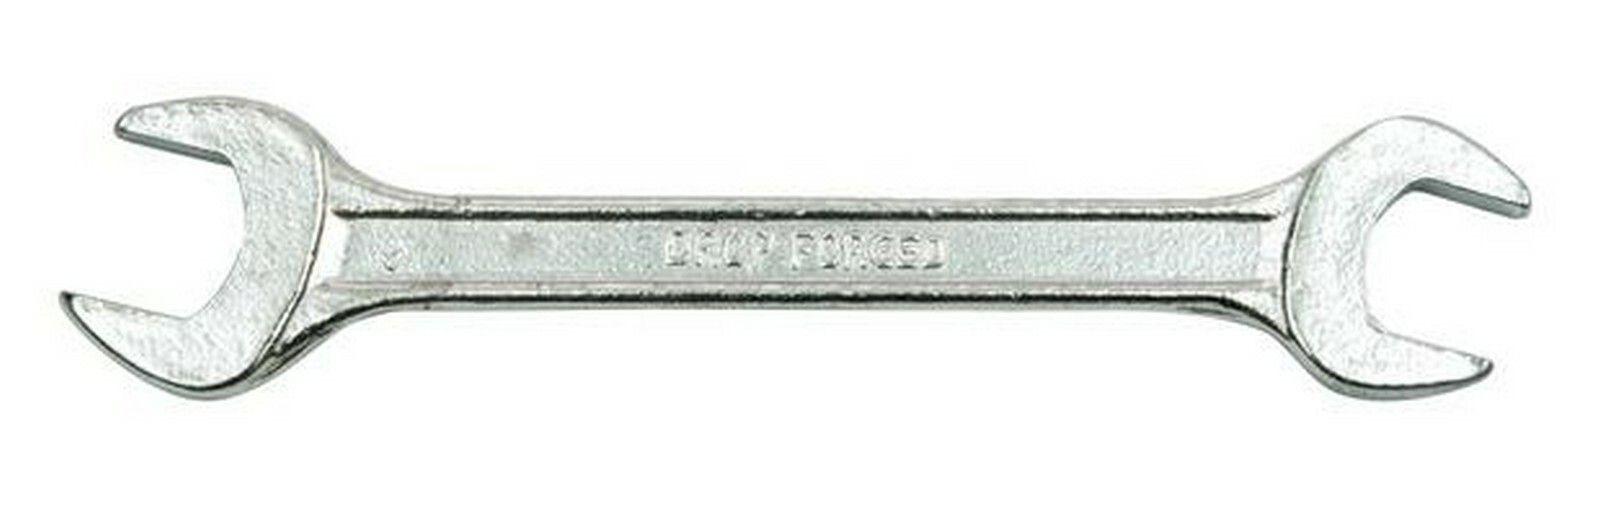 Klíč plochý 14 x 15 mm TOYA